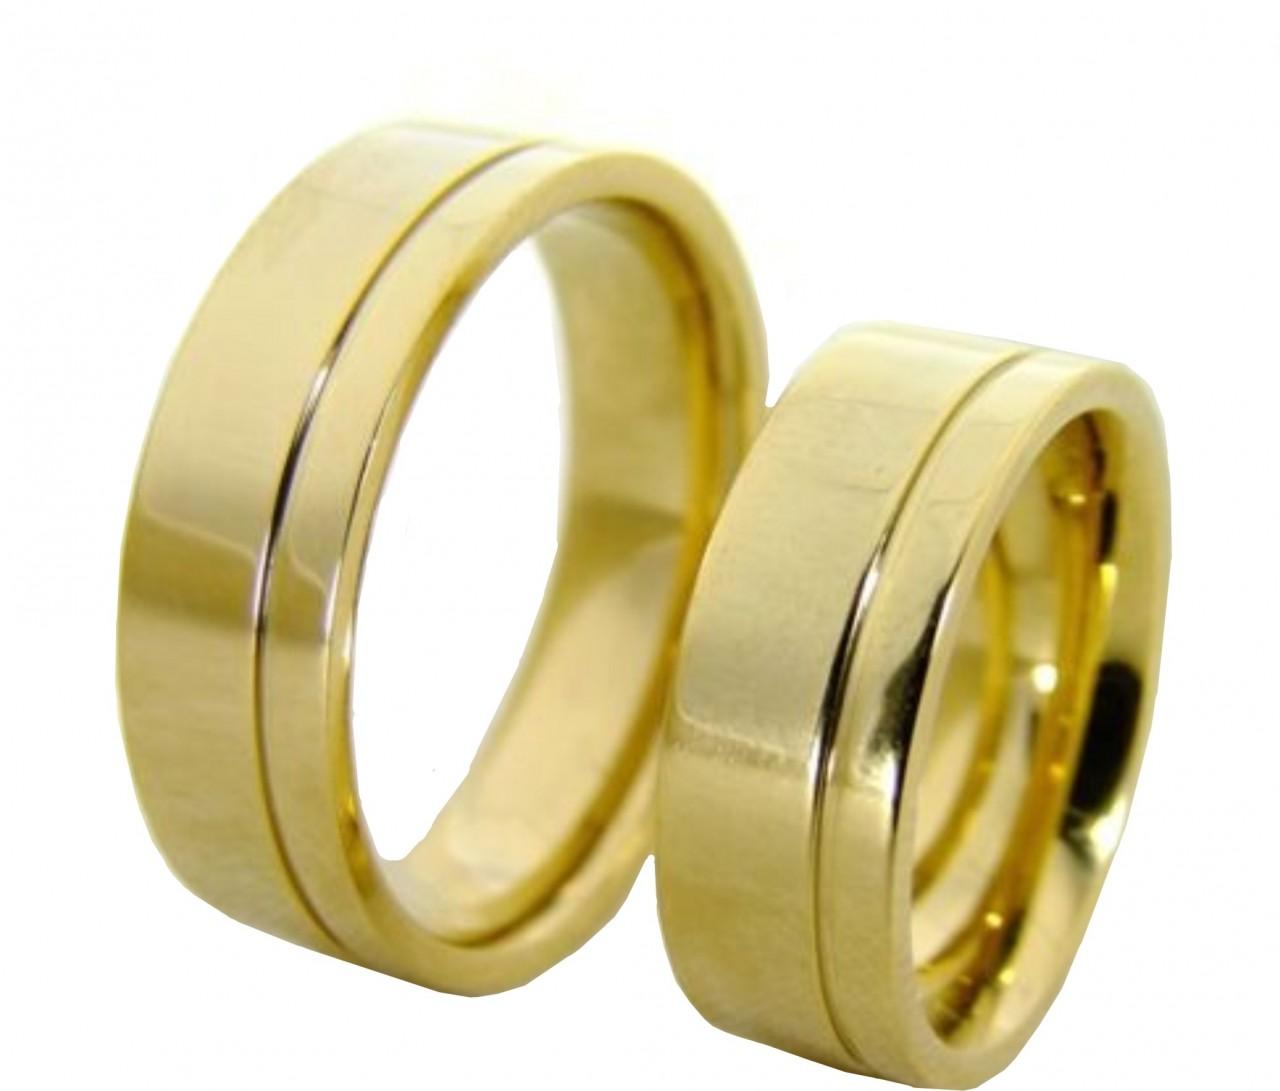 98a5e7dd37130 Par de aliança ouro 18k³ - O Garimpo - vitrine online